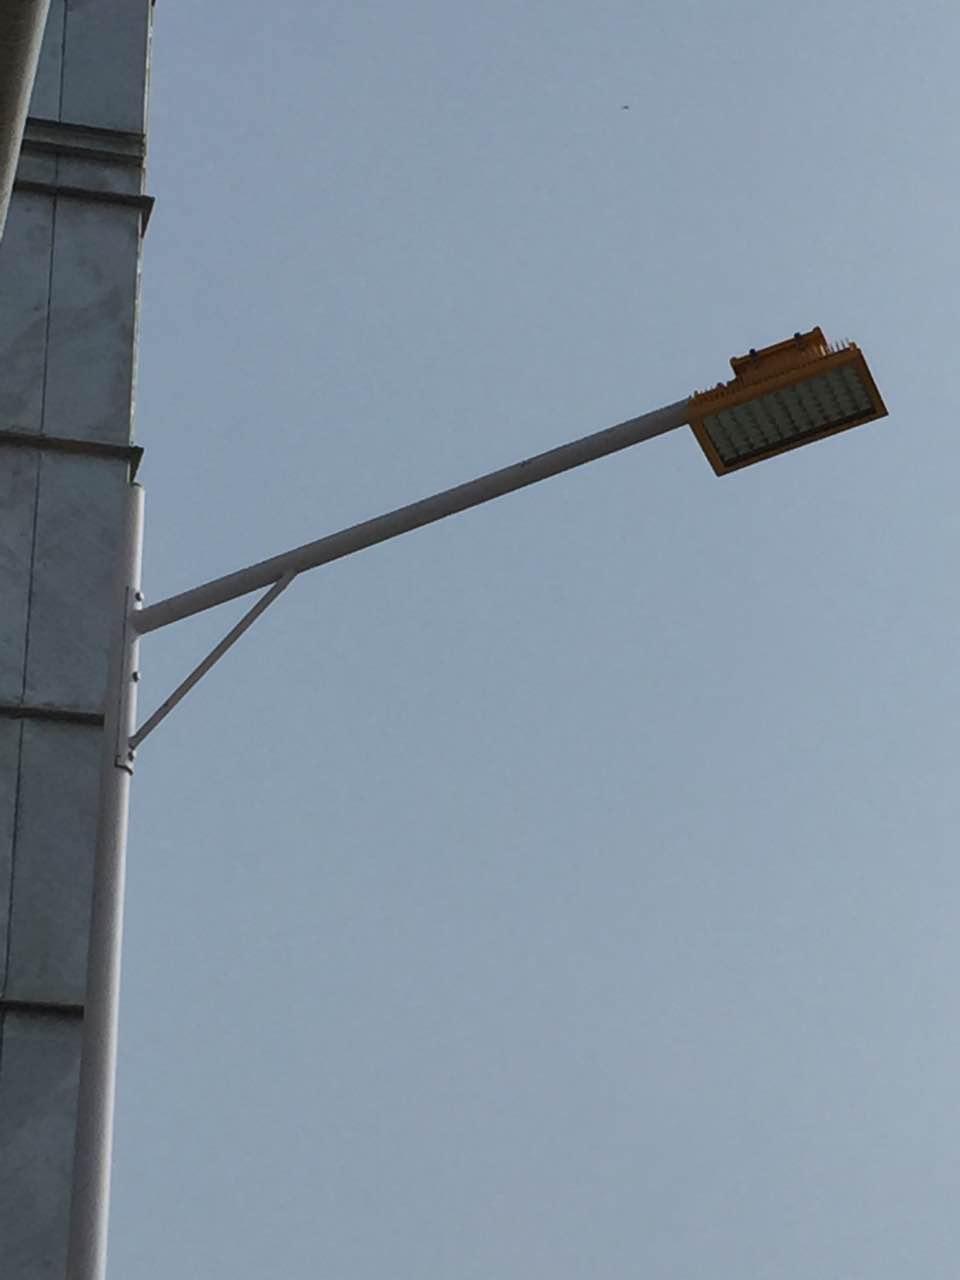 低效光源被淘汰 LED照明市场迎来新一轮增长